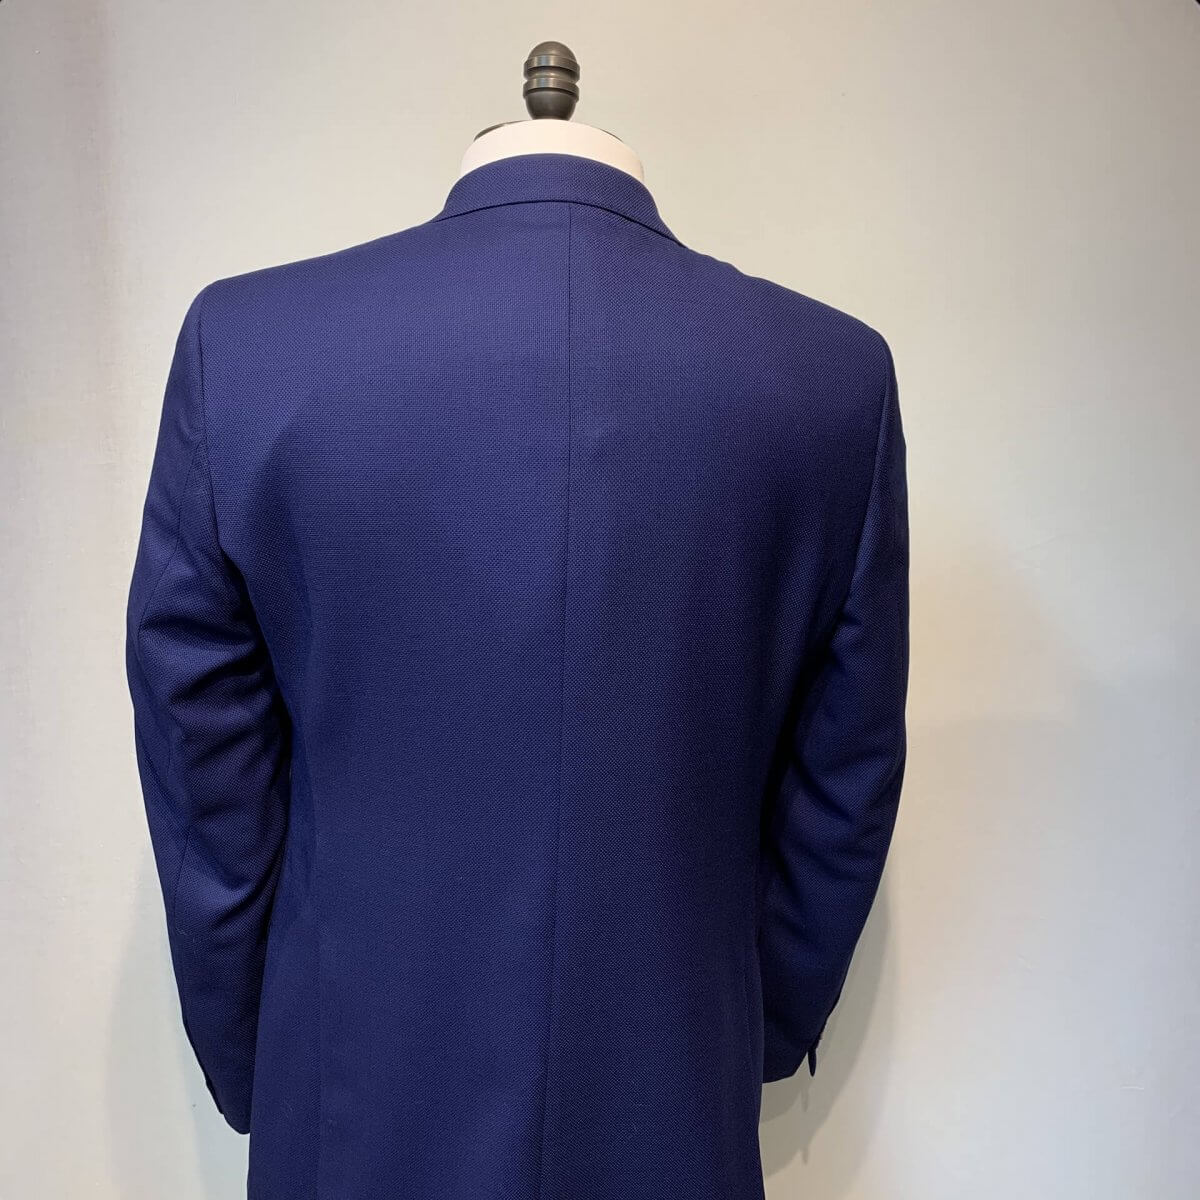 G. Connolly Blazer in Blue